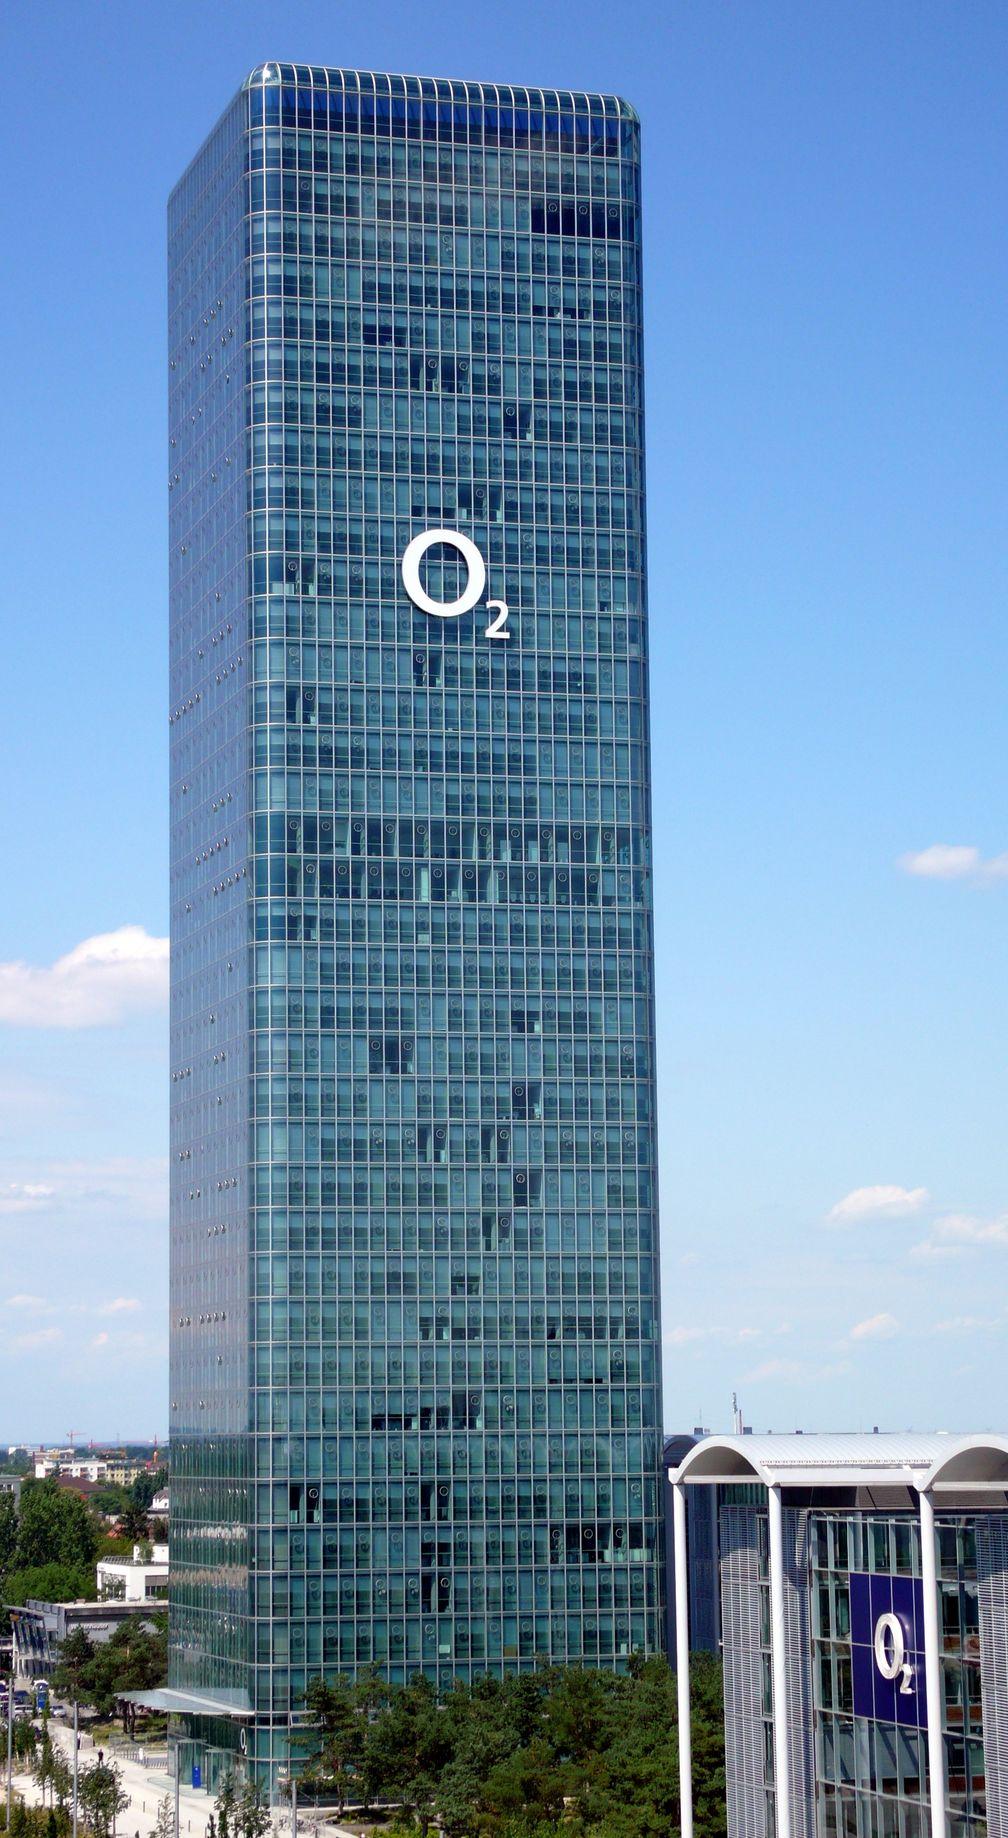 Das Firmengebäude von Telefónica Germany (O2) am Georg-Brauchle-Ring in München